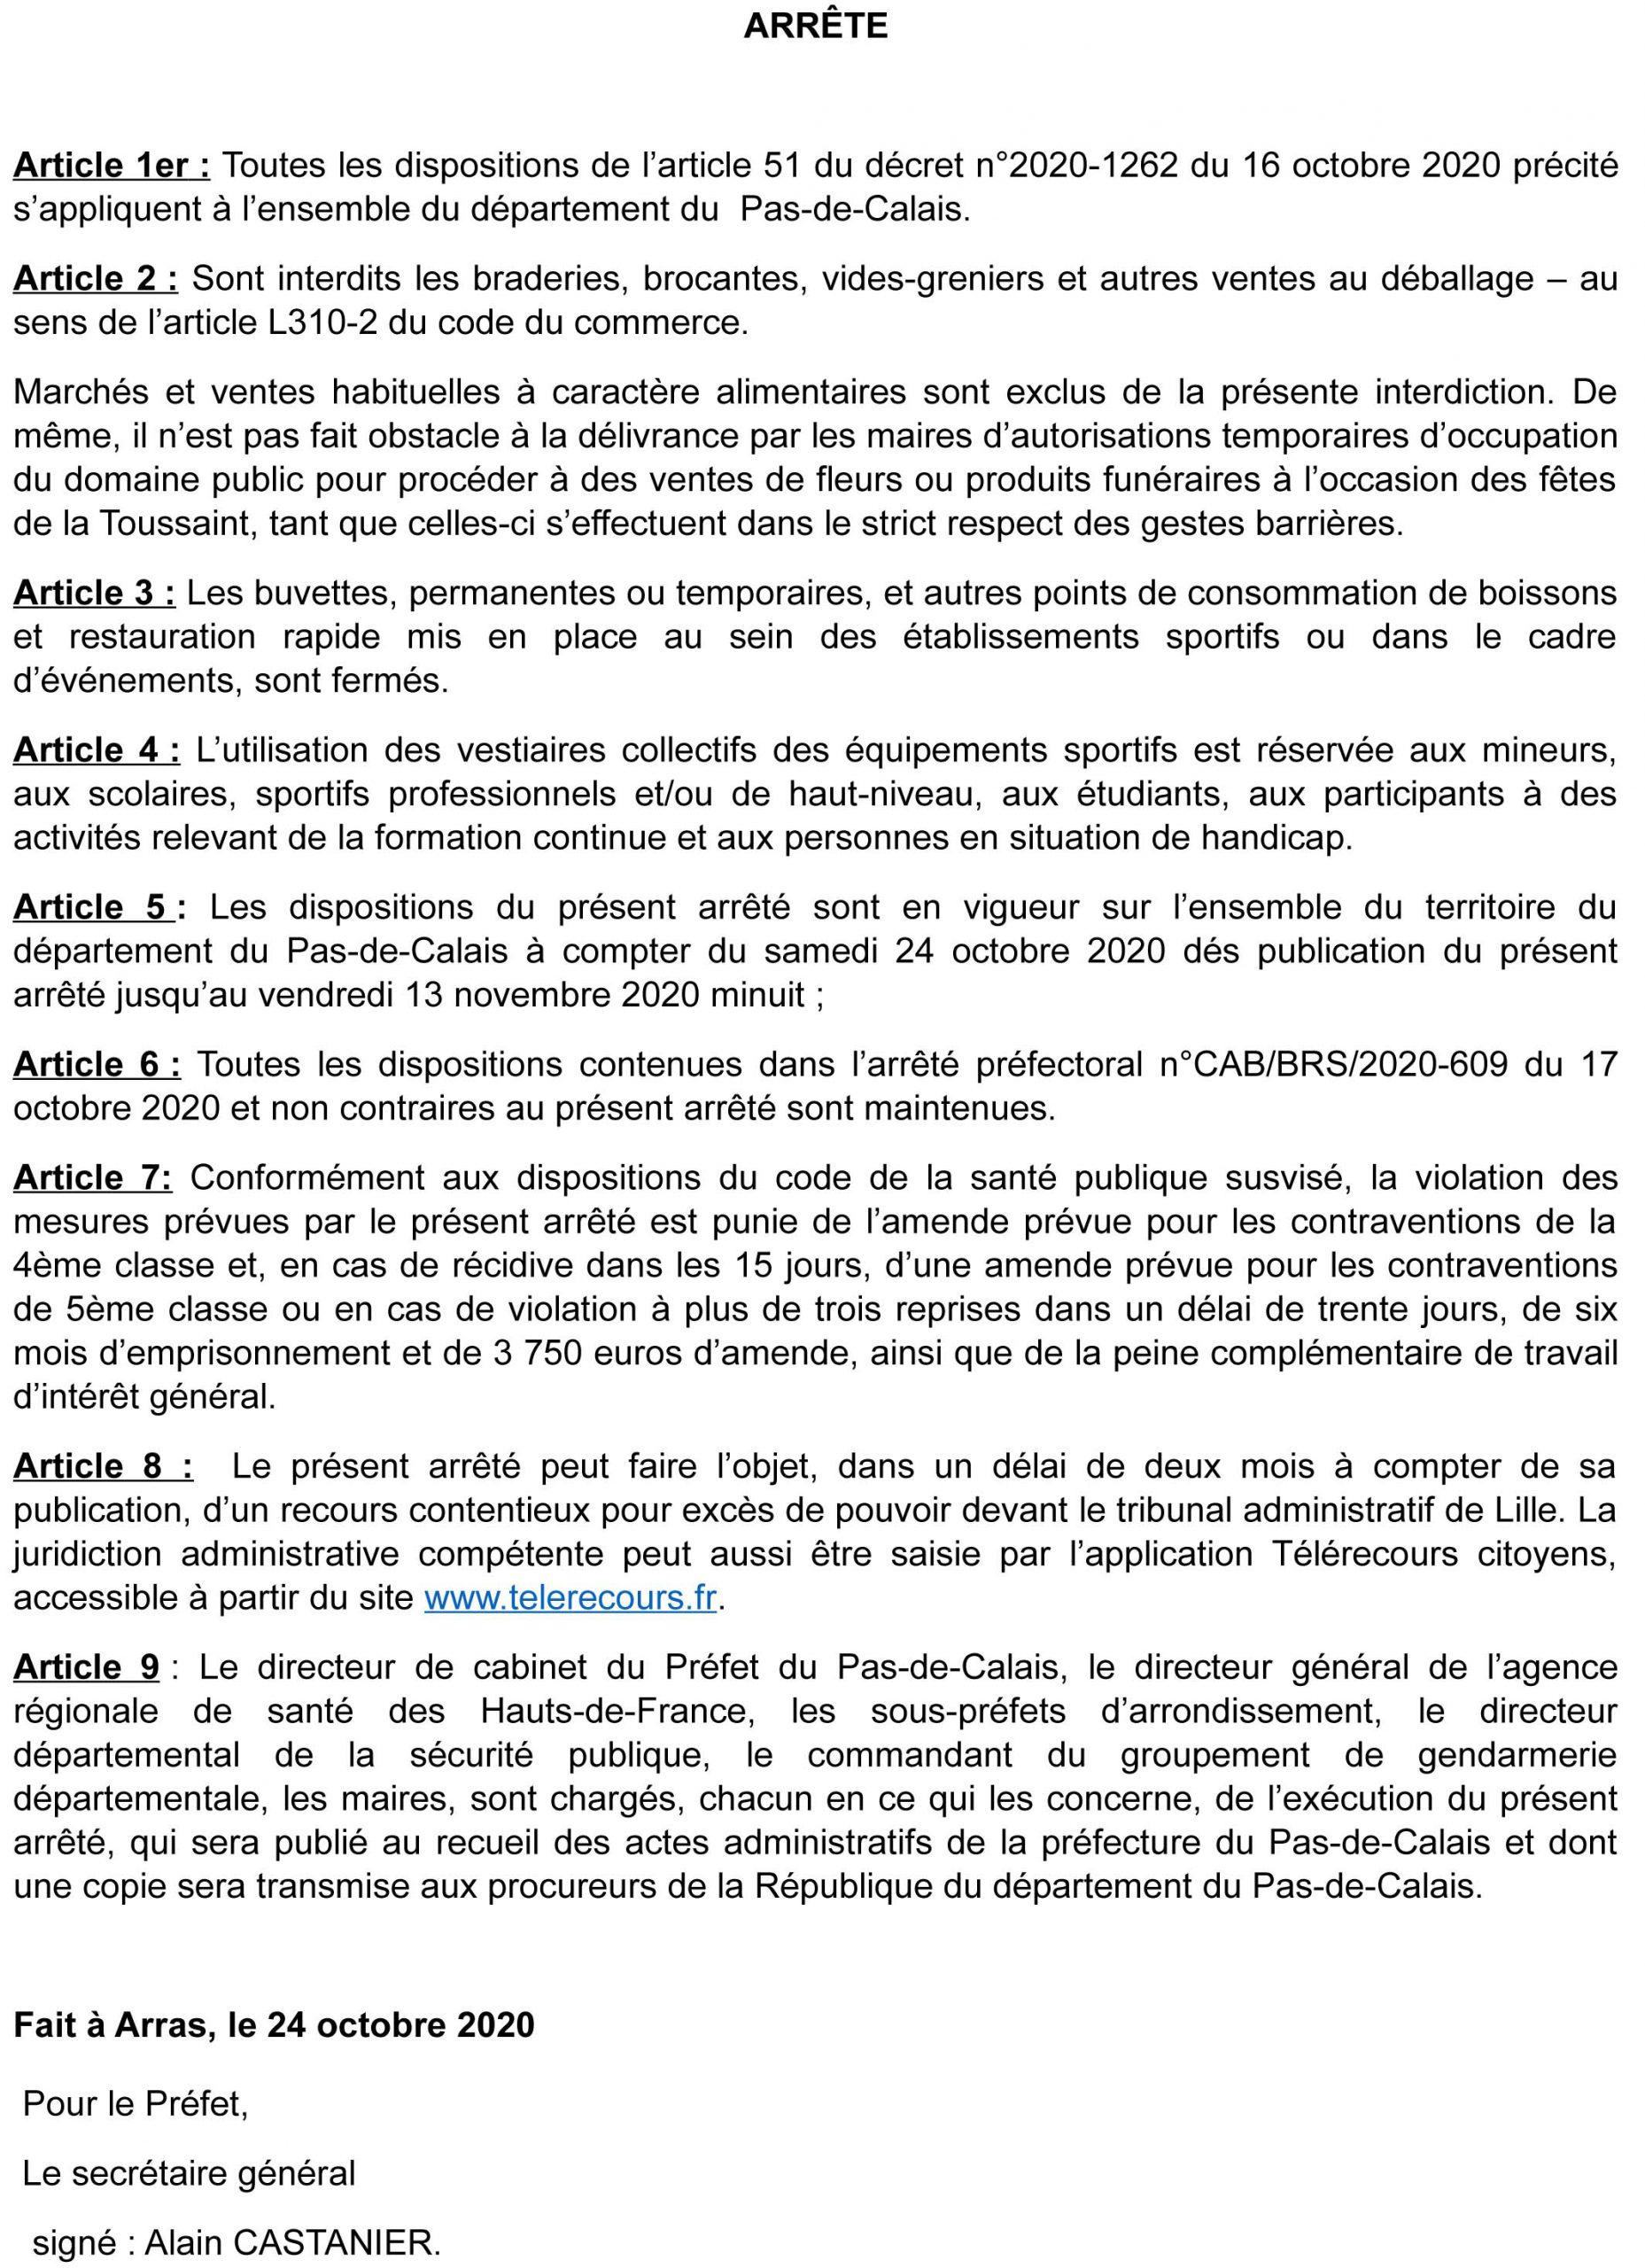 Arrete_prefectoral_du_24_octobre_2020-8